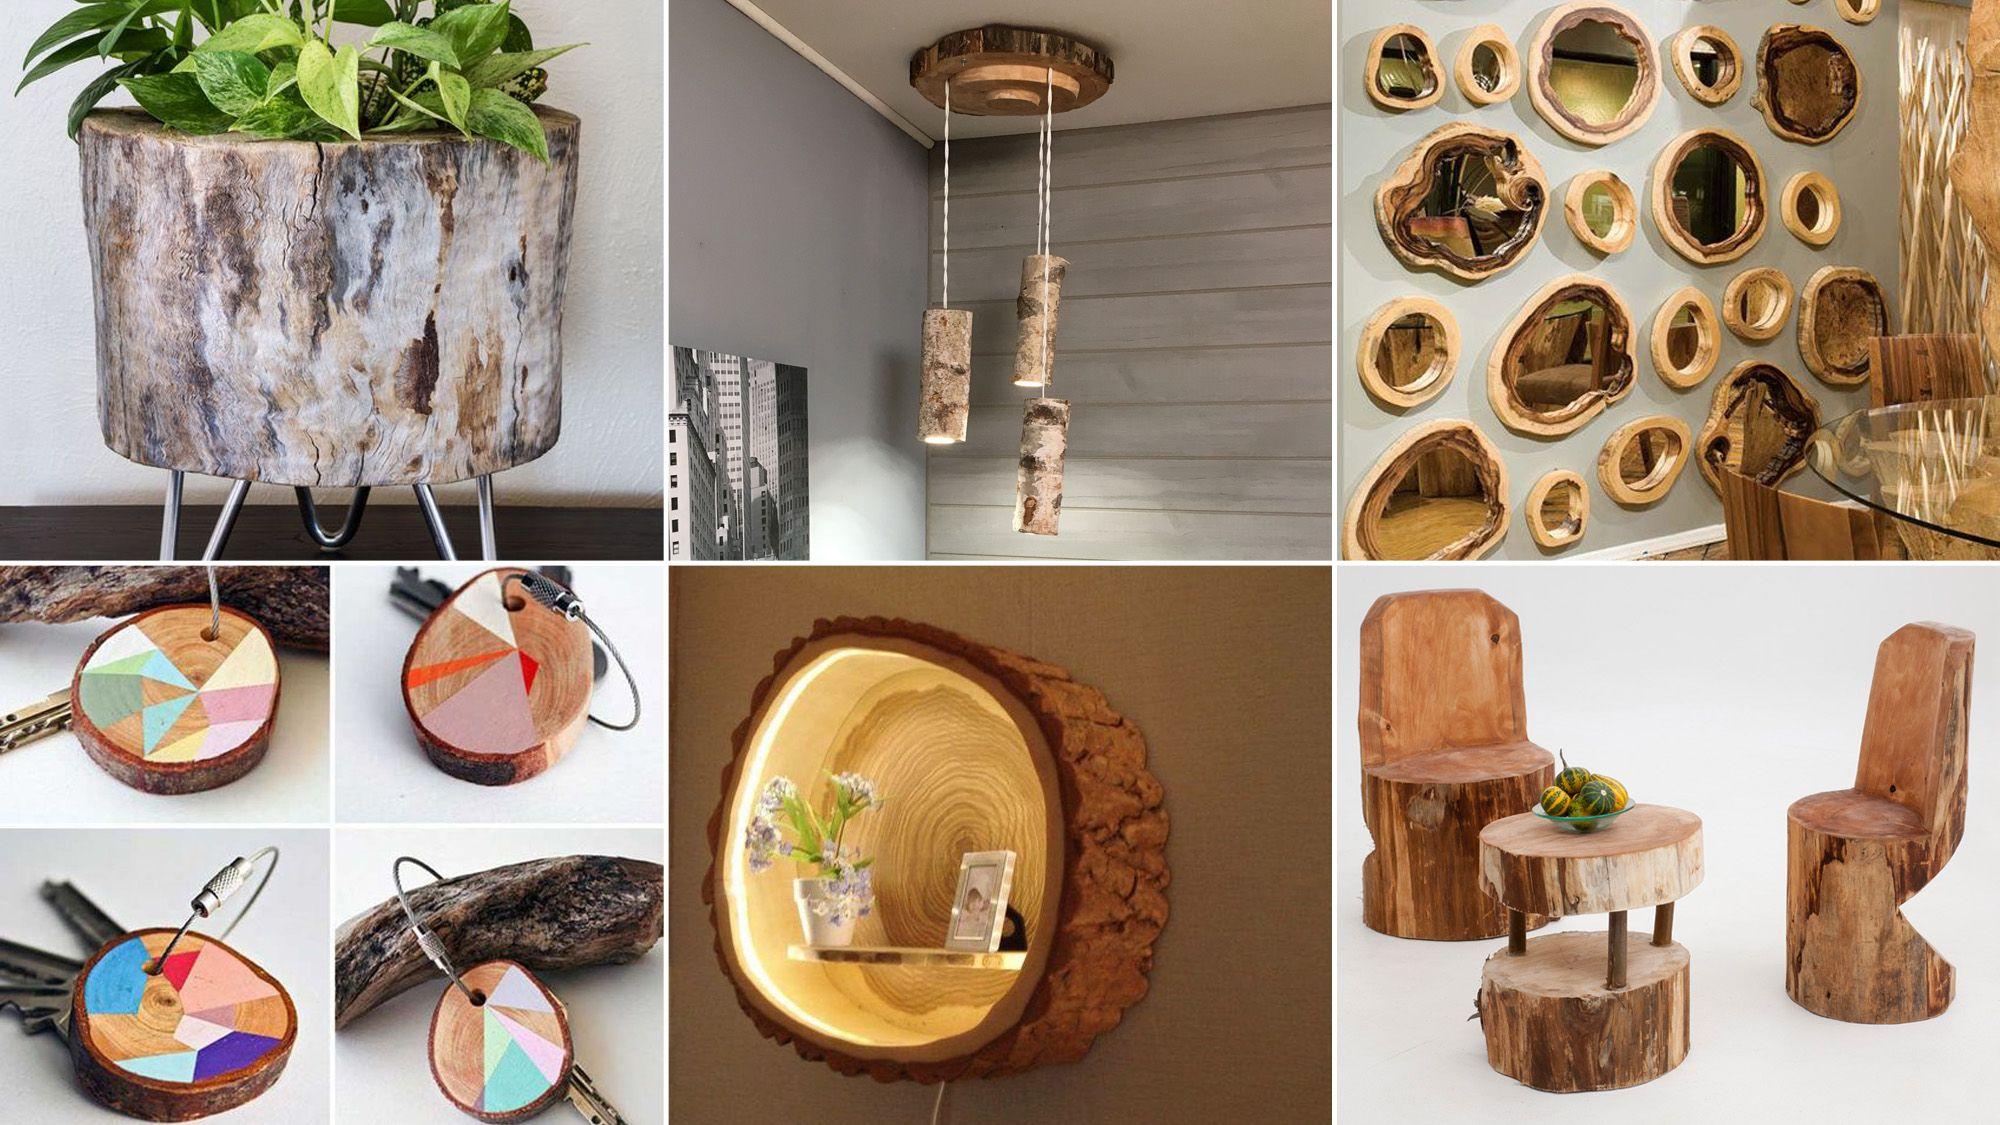 Idées de bricolage avec des bûches de bois